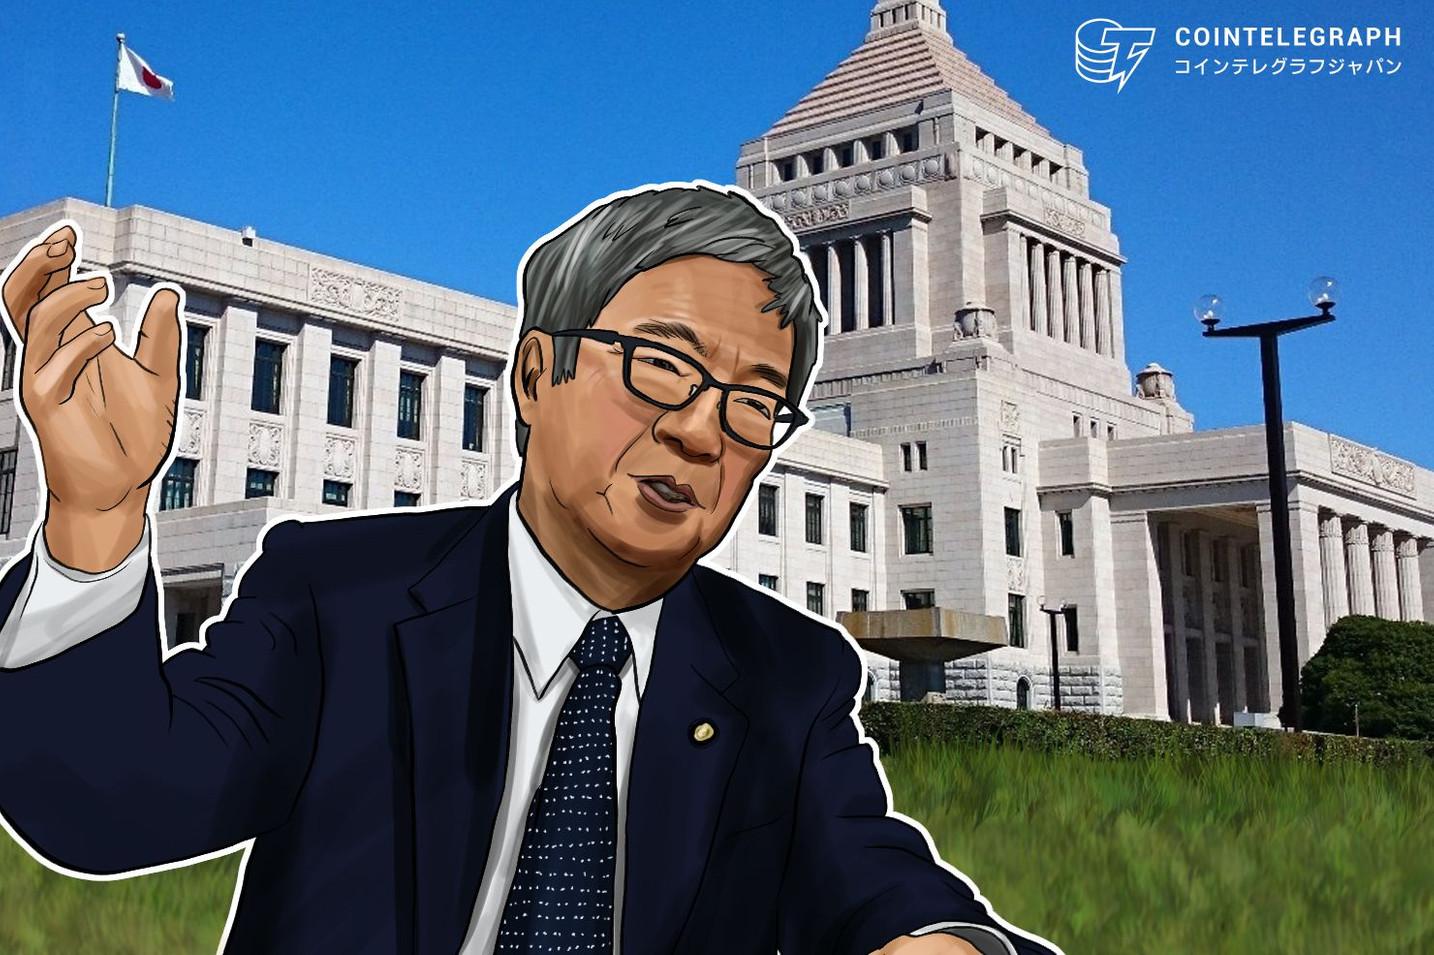 藤巻議員が金融庁に要請「仮想通貨とブロックチェーン推進したいなら国税庁に要望を」